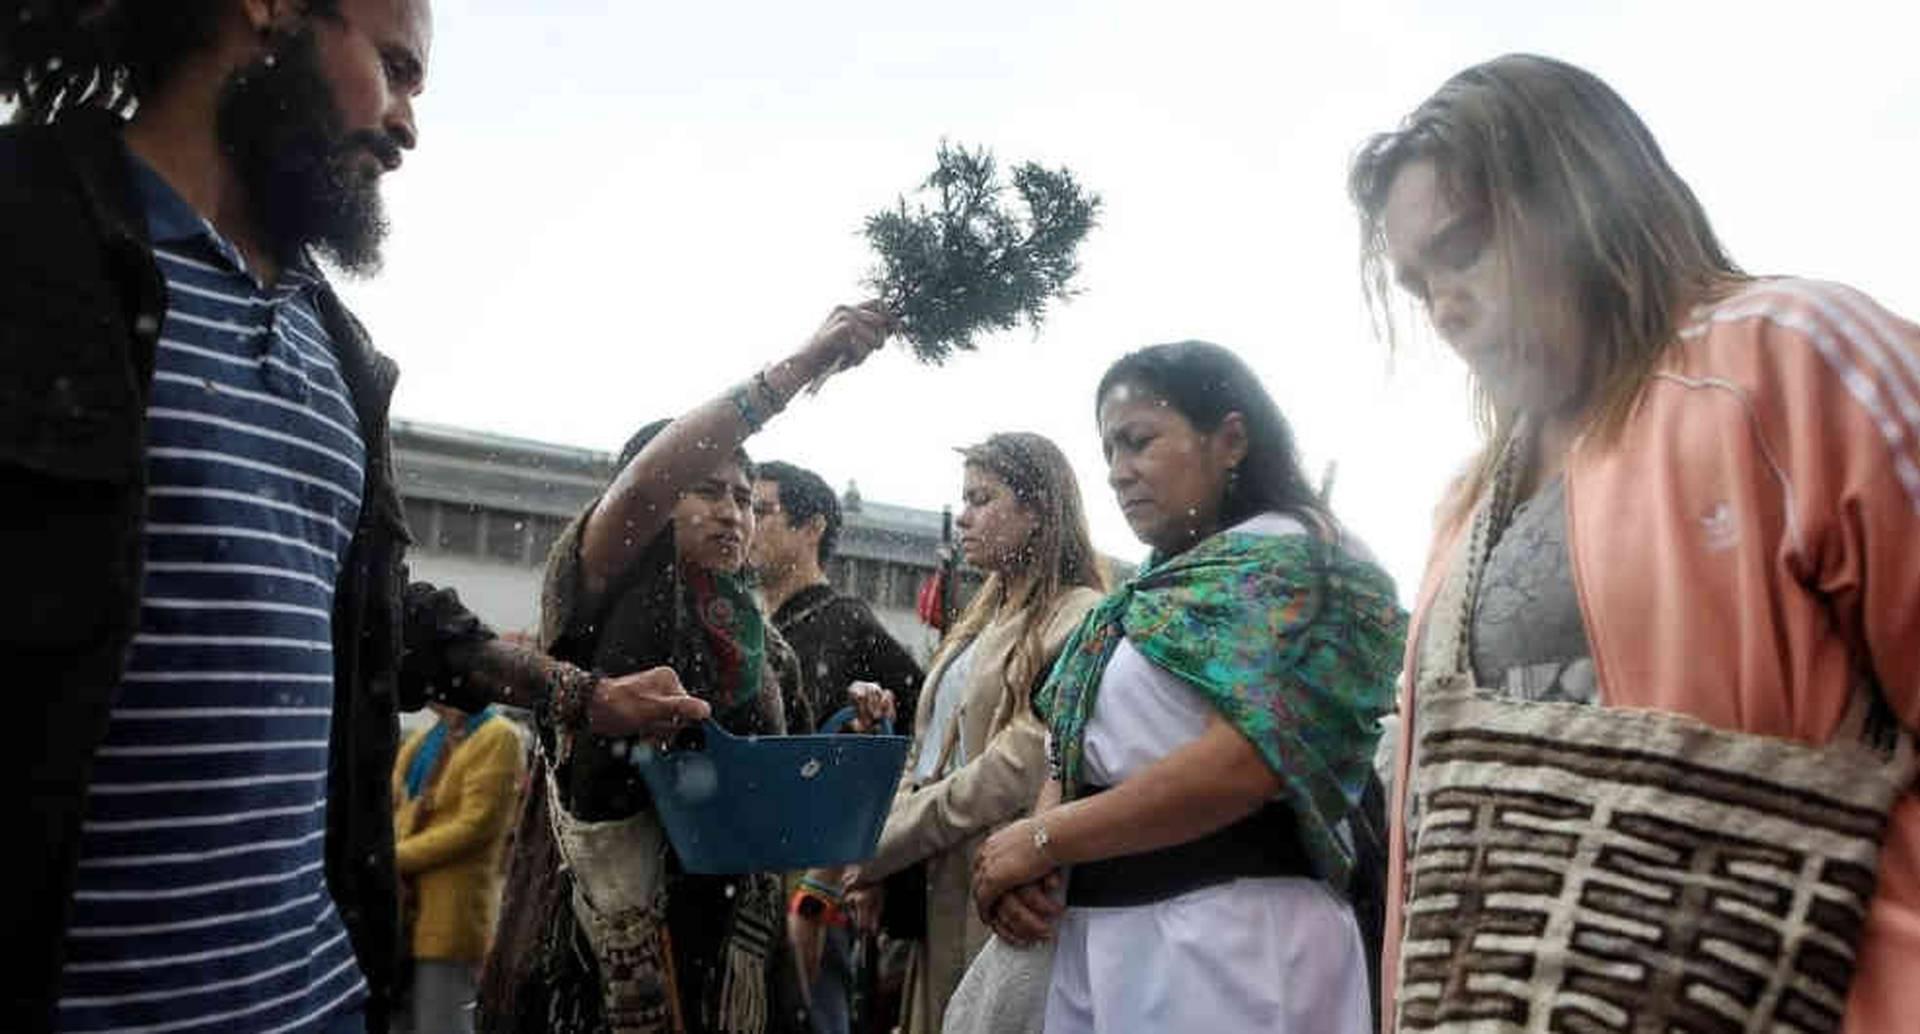 En el ritual participaron indígenas, funcionarios de la JEP y estudiantes de la Universidad Nacional. Foto: Esteban Vega/Semana